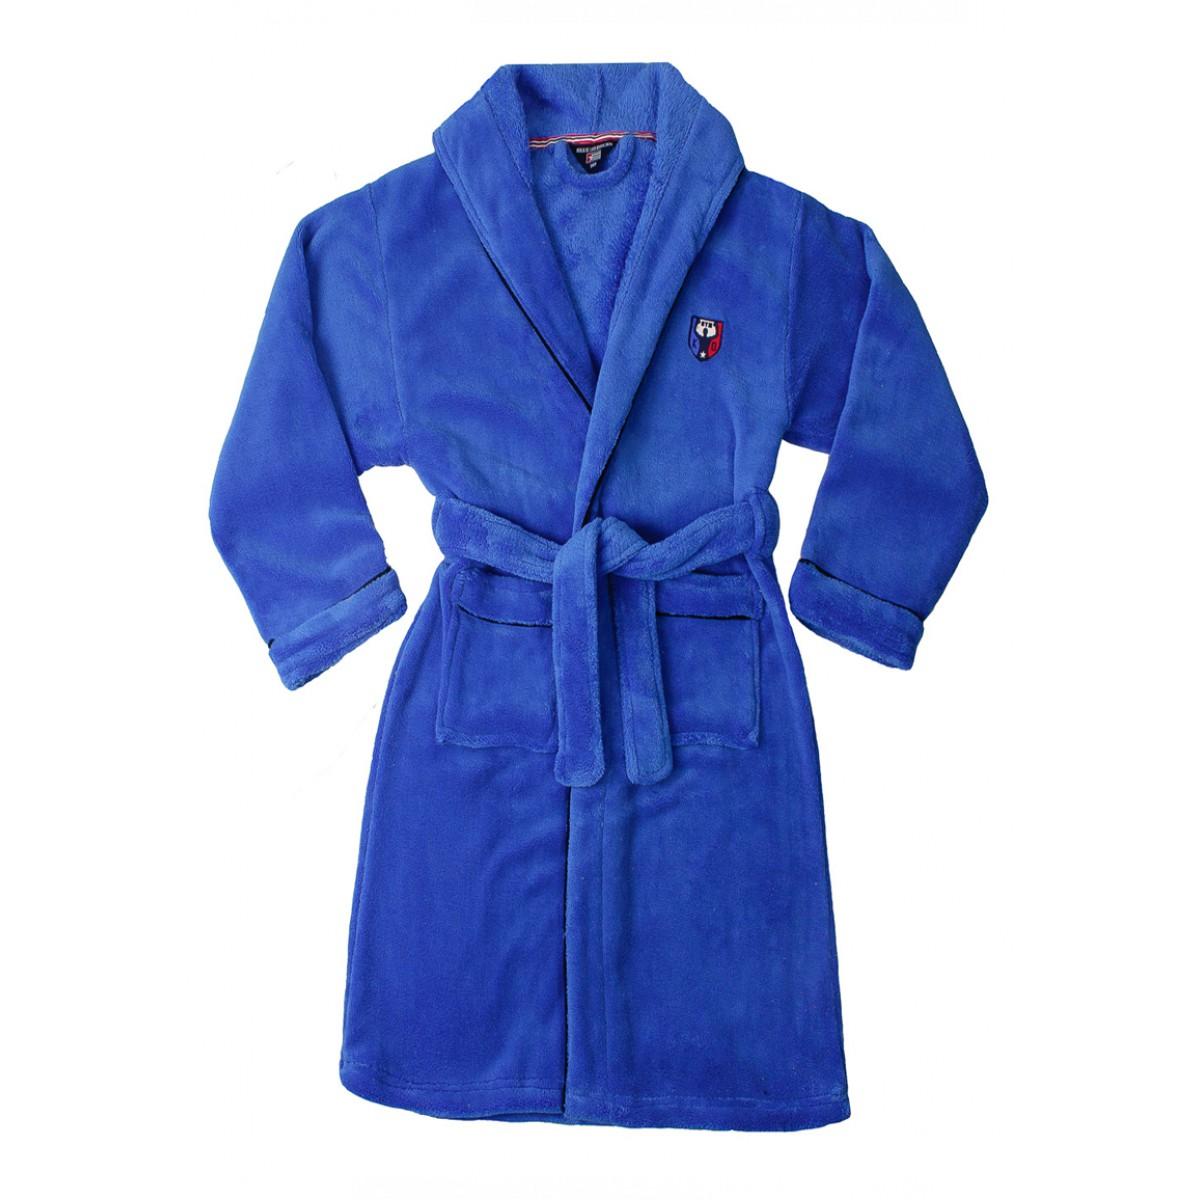 Middenblauwe badjas kind